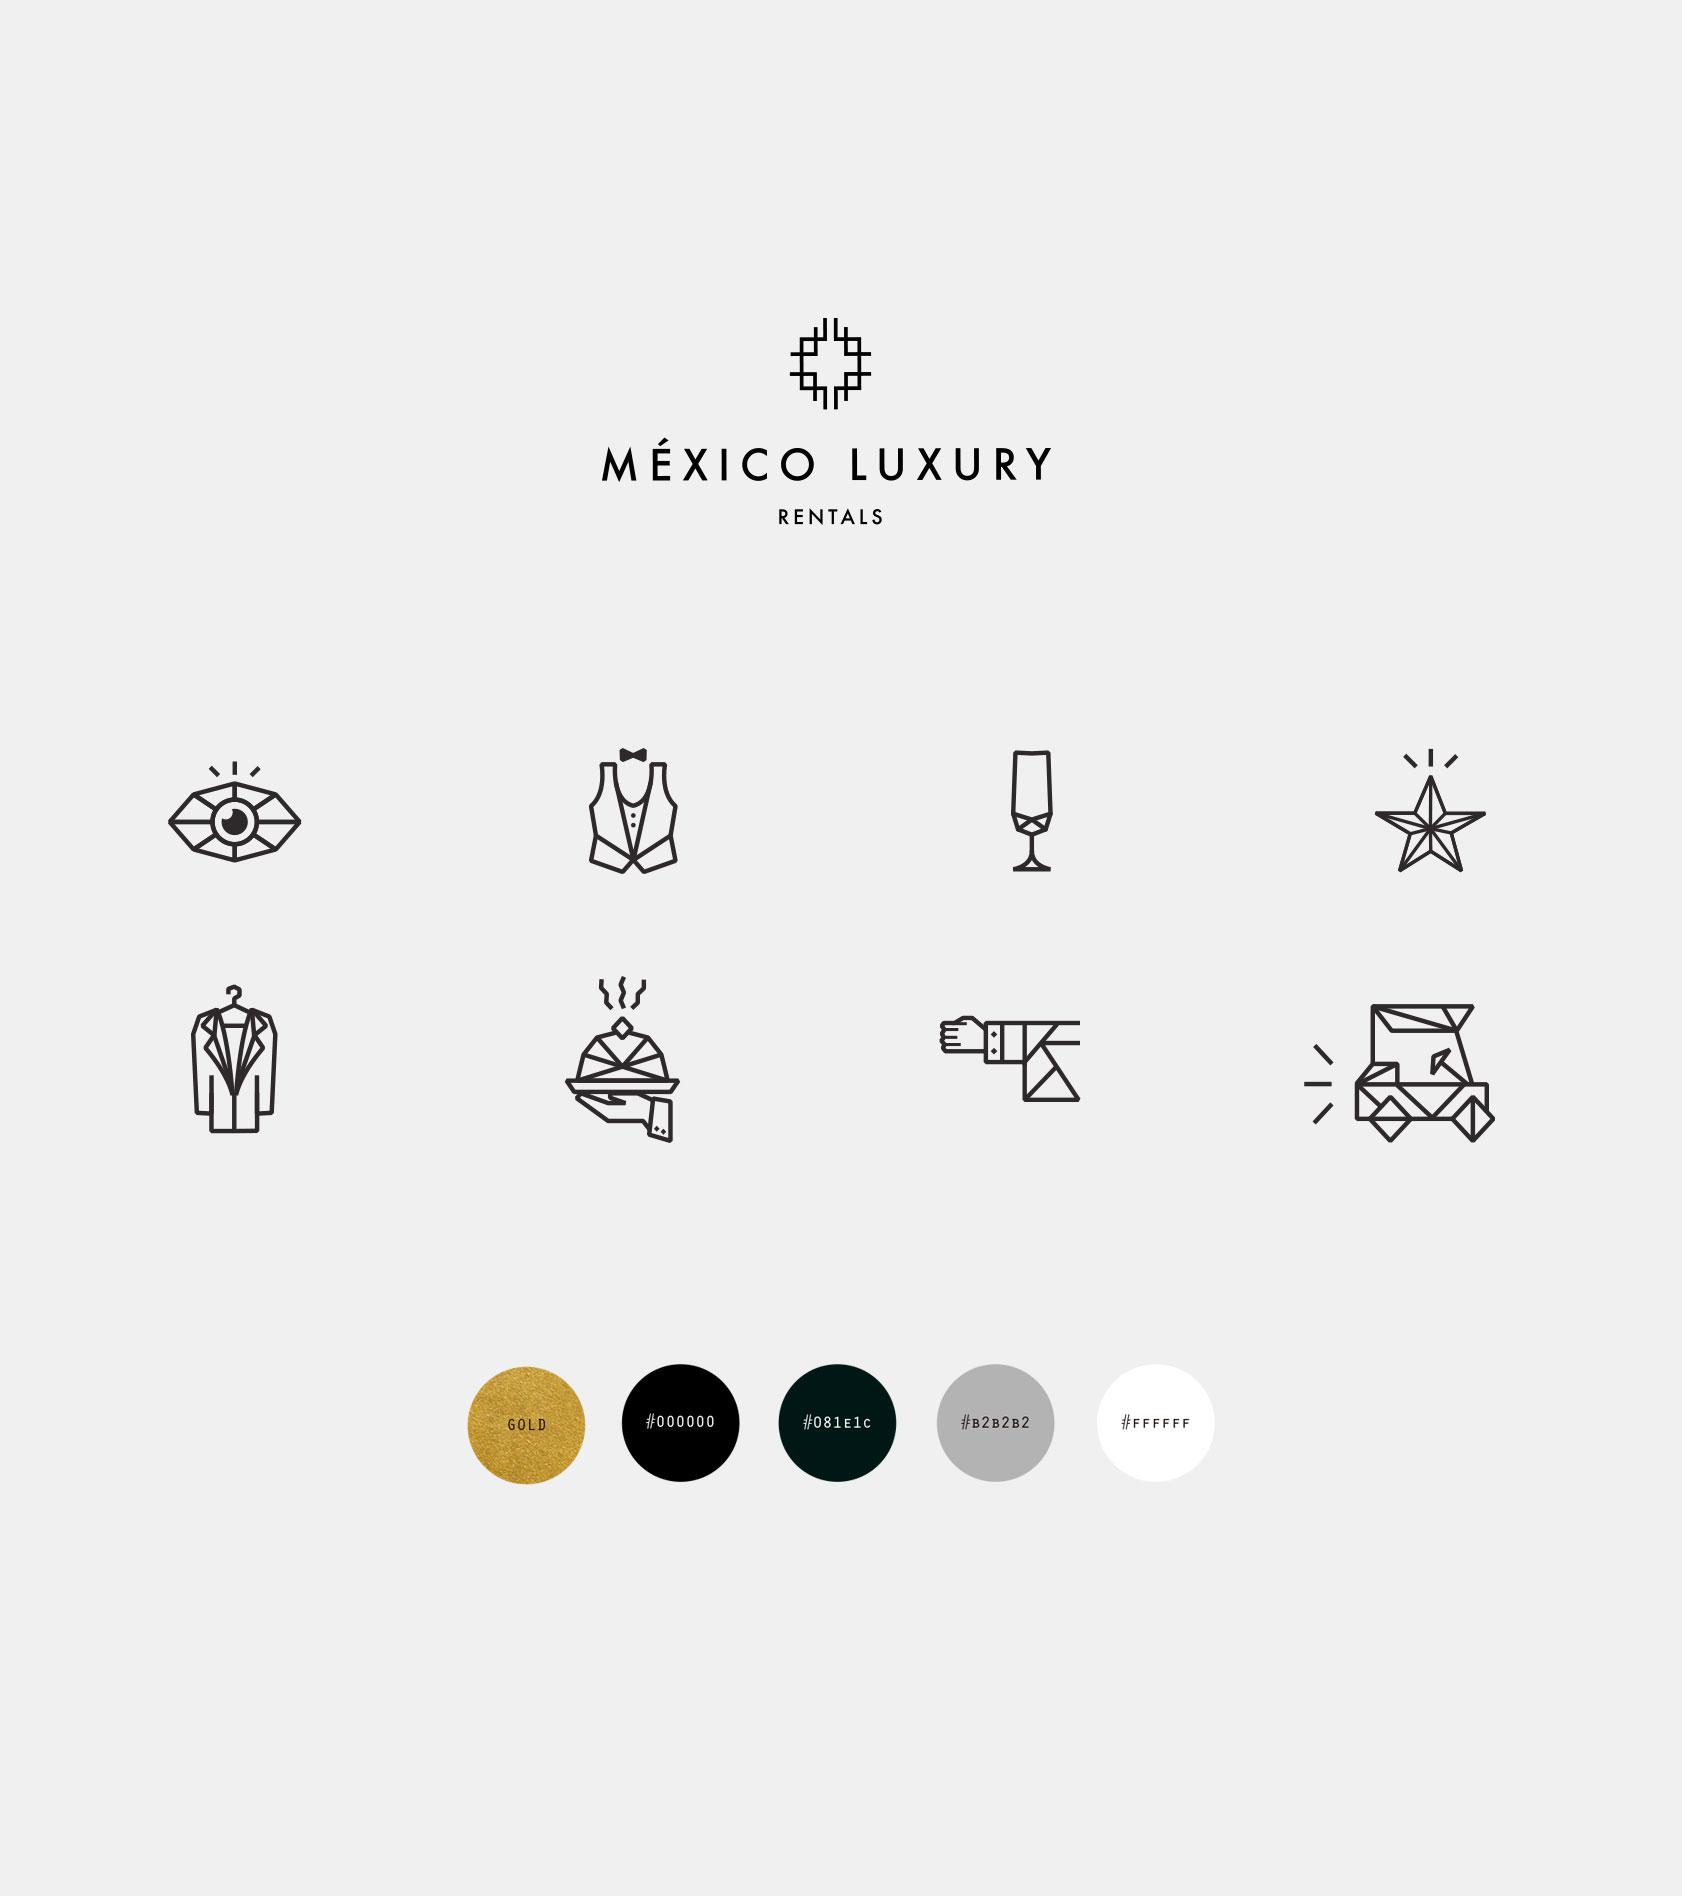 MexicoLuxury-2